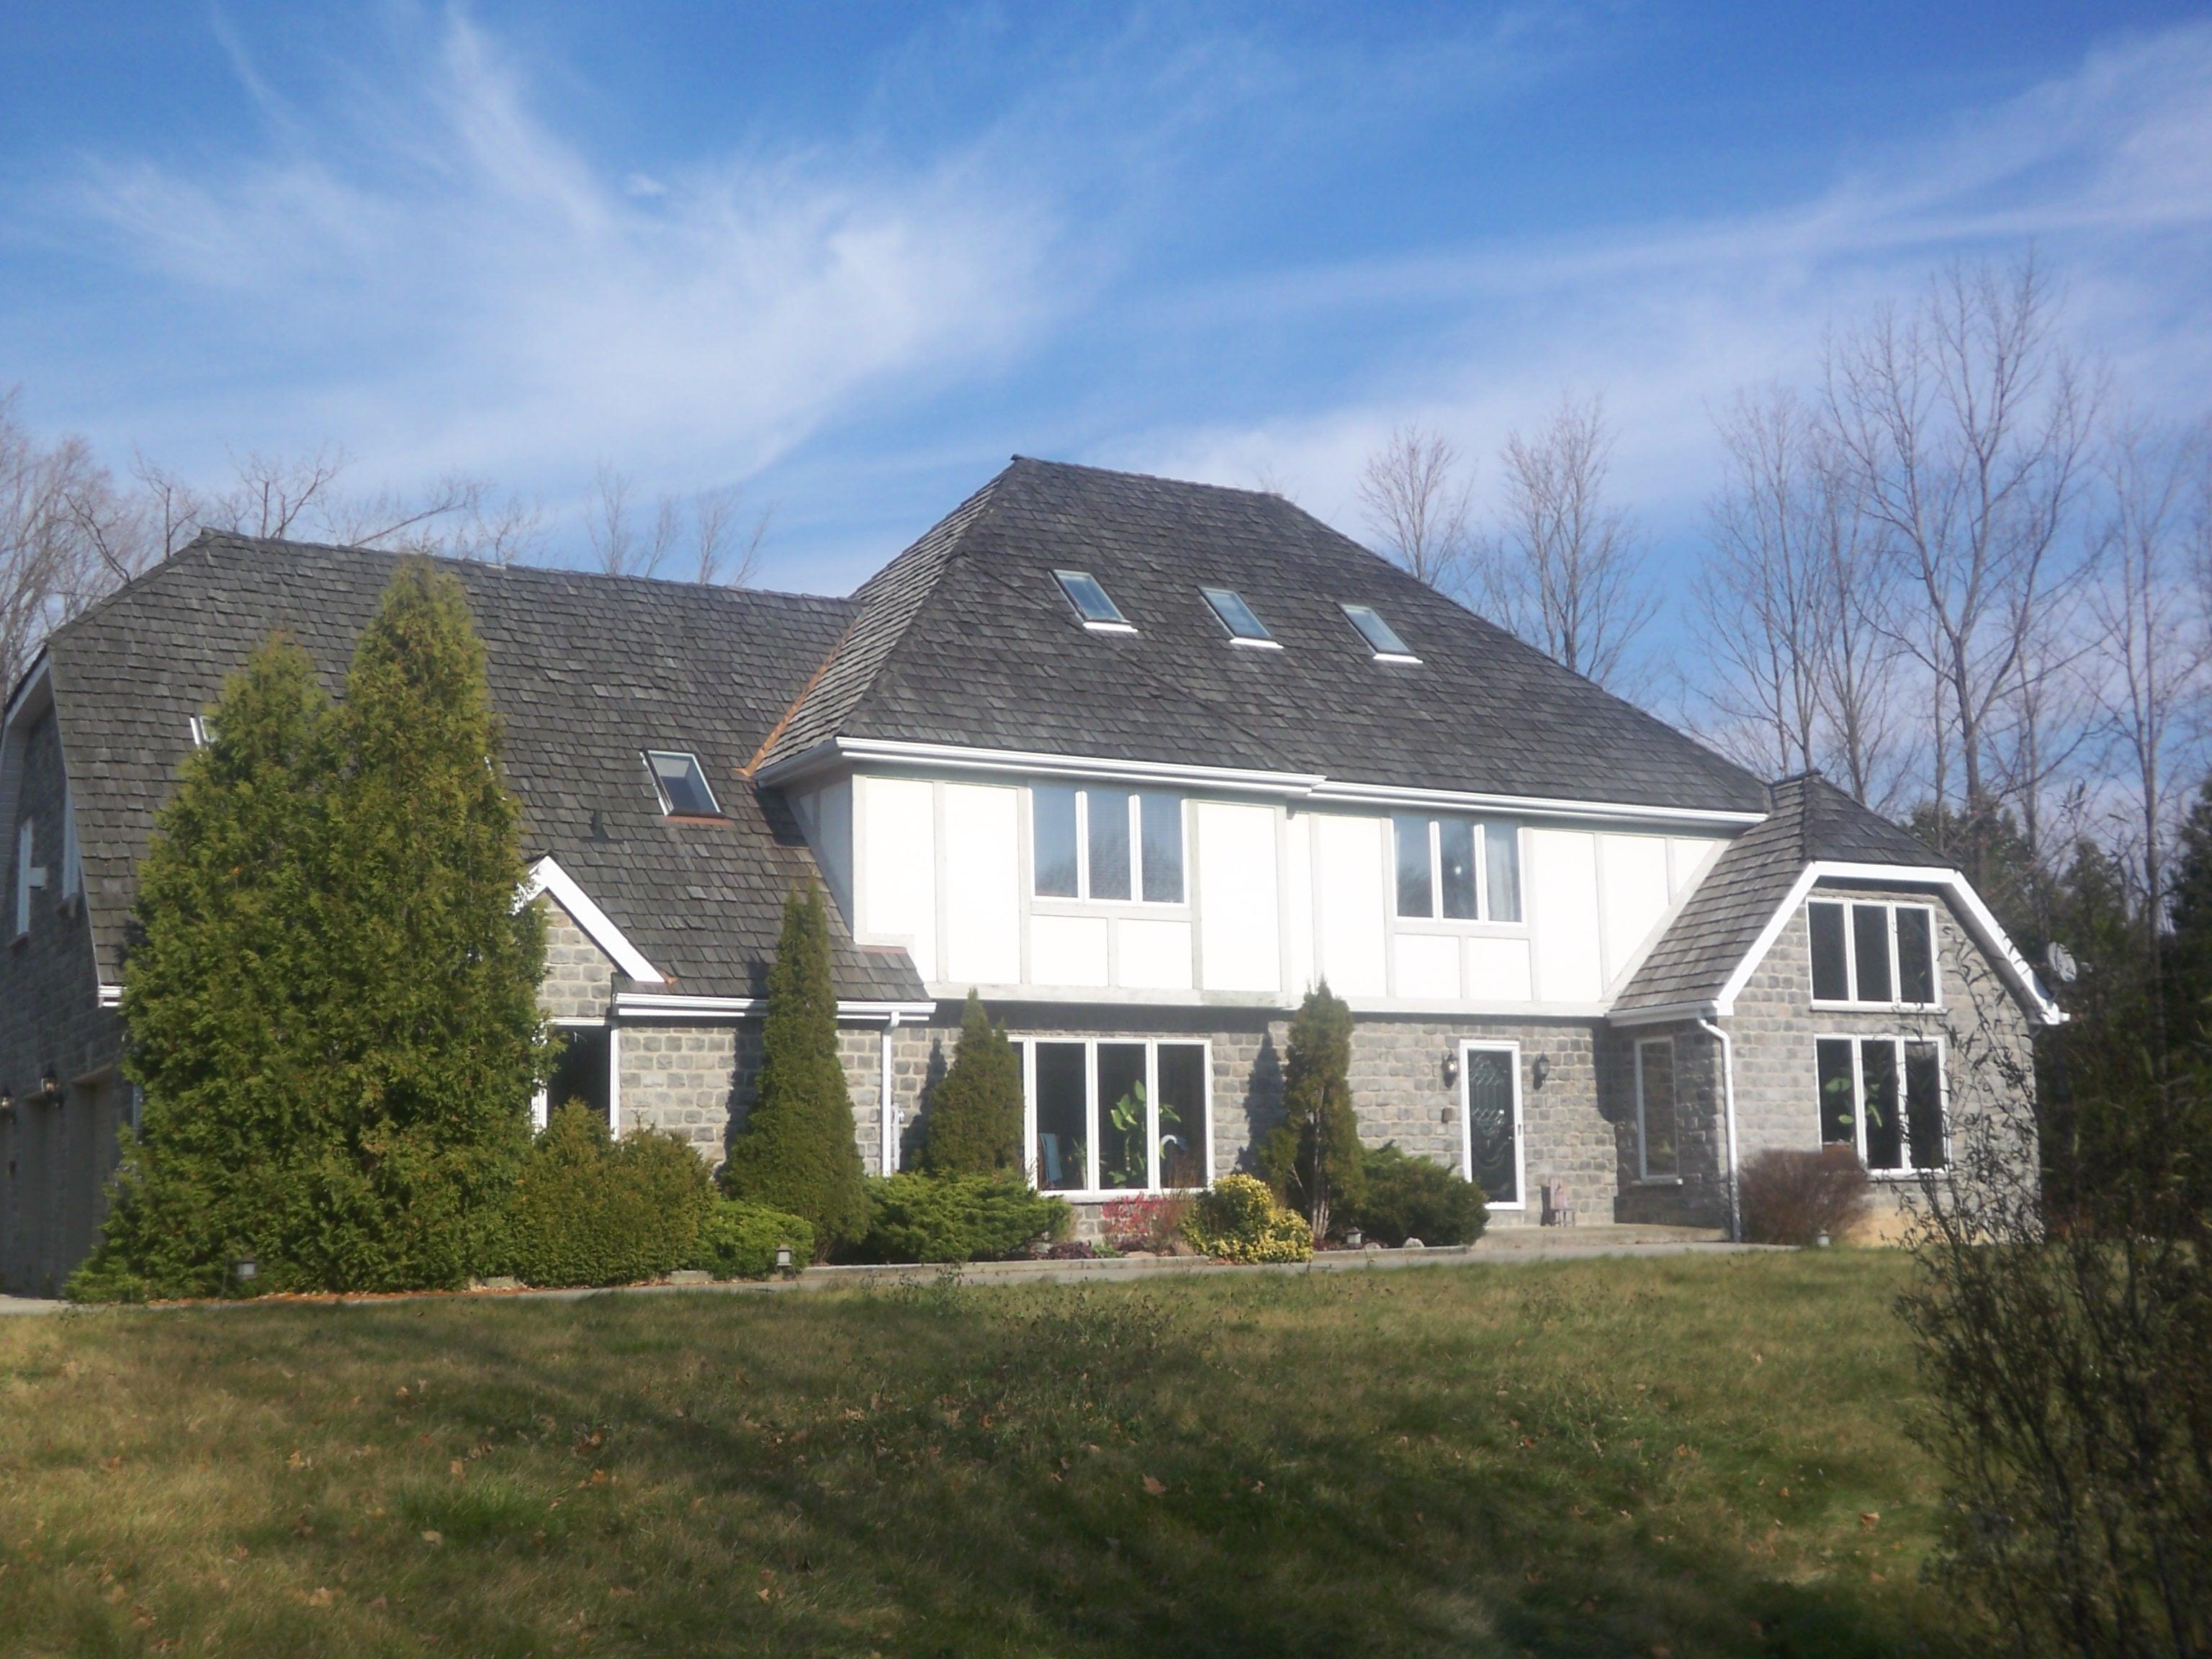 Luxury Milton Ontario Real Estate for Sale  Carmine Sturino 905-302-8111